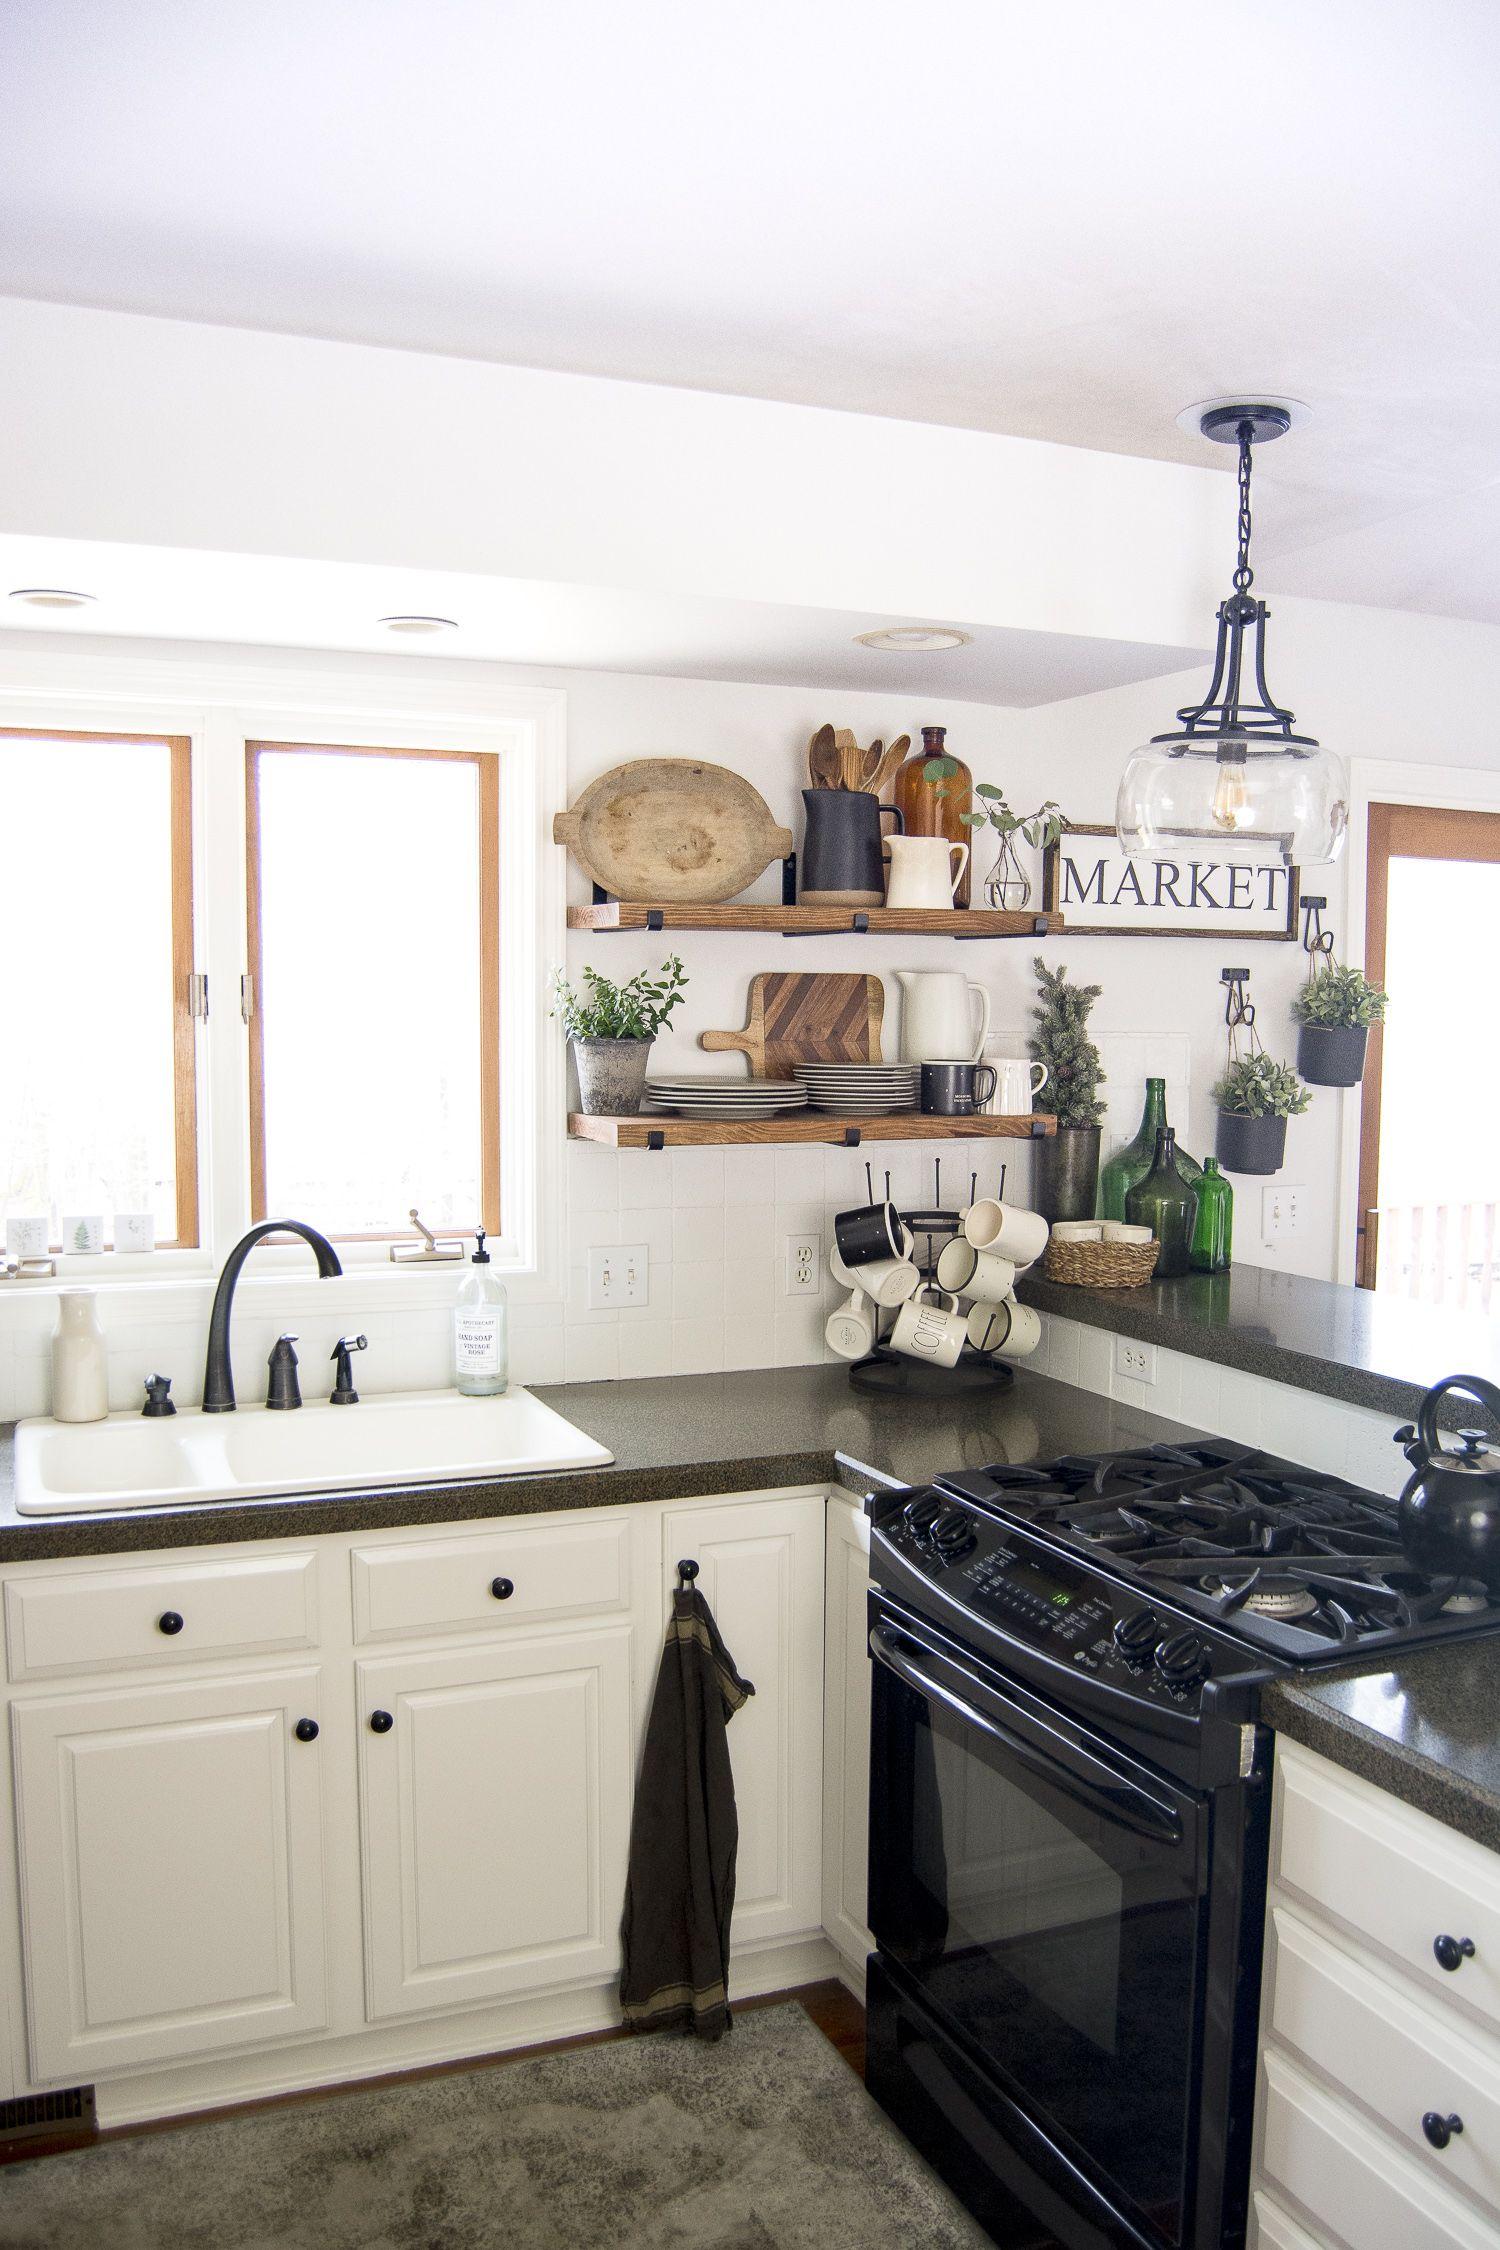 kitchen open shelving farmhouse kitchen inspiration home kitchens kitchen on farmhouse kitchen open shelves id=62207